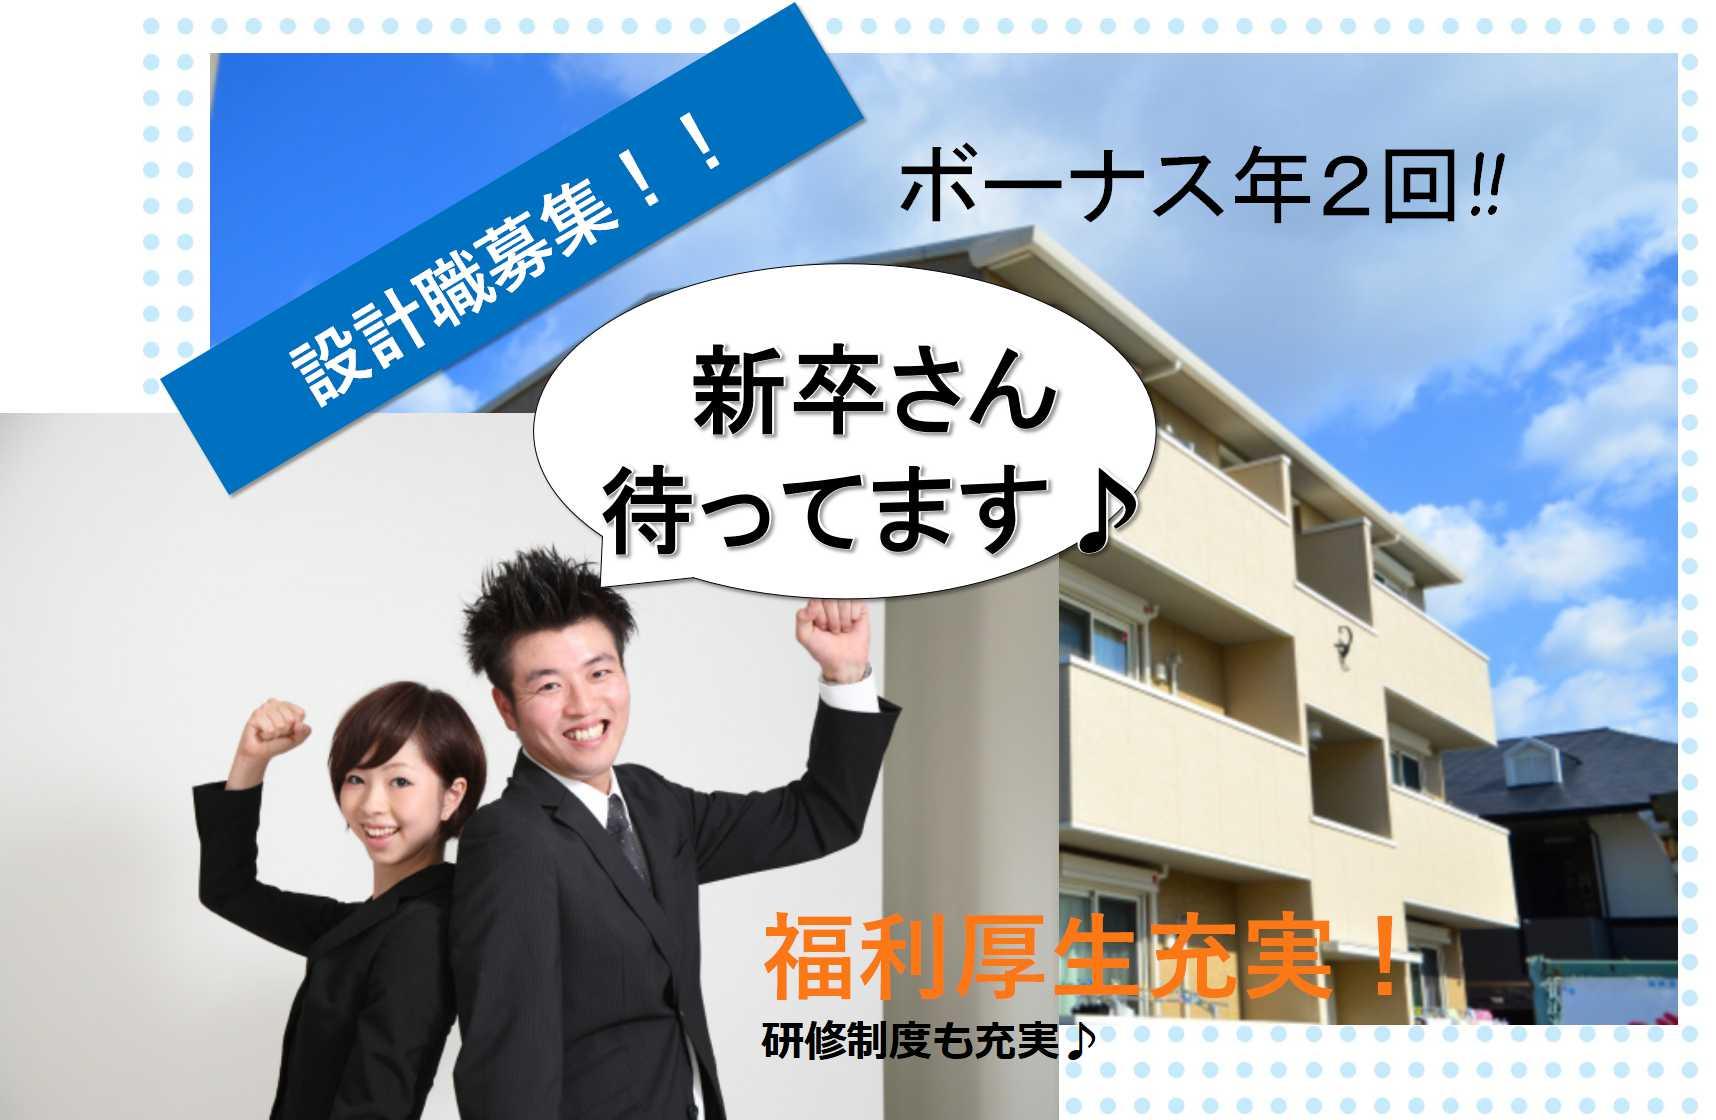 【新卒】頼りになる先輩がたくさんいます!お客様の未来を描く仕事!賃貸建物の設計職・設備設計・構造設計【即面談可能】 イメージ